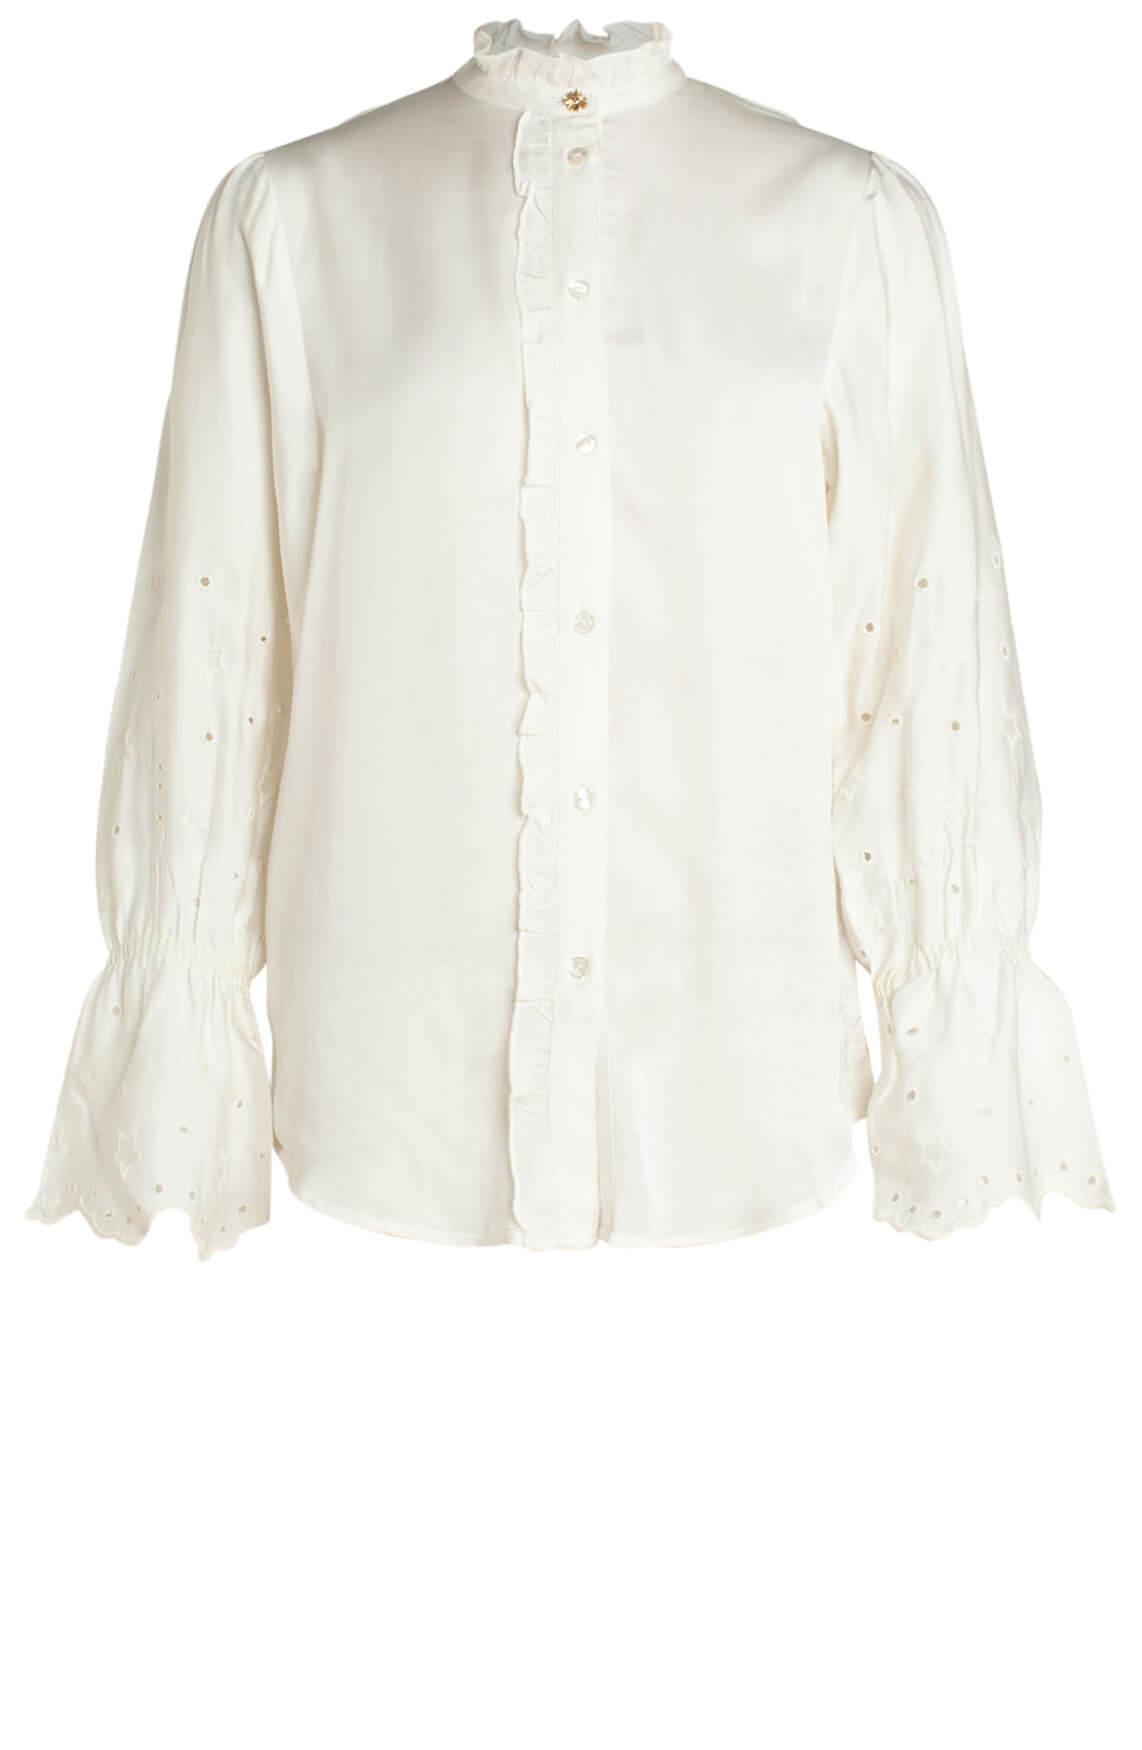 Fabienne Chapot Dames Clara blouse wit